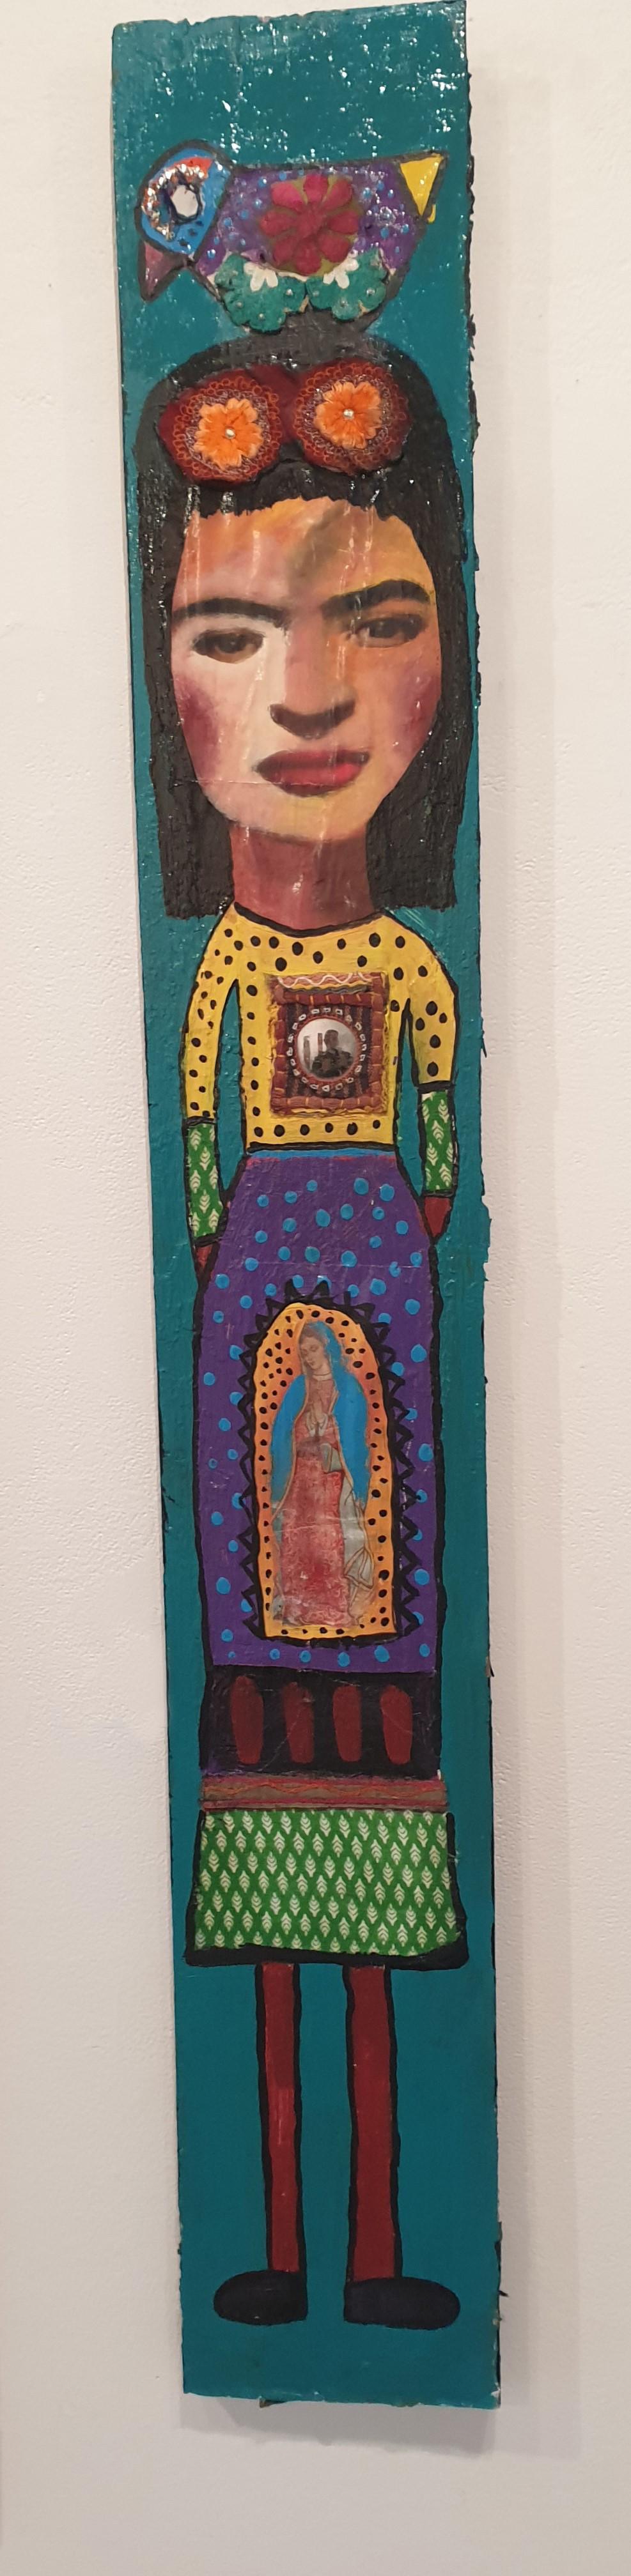 Frida Panel P8